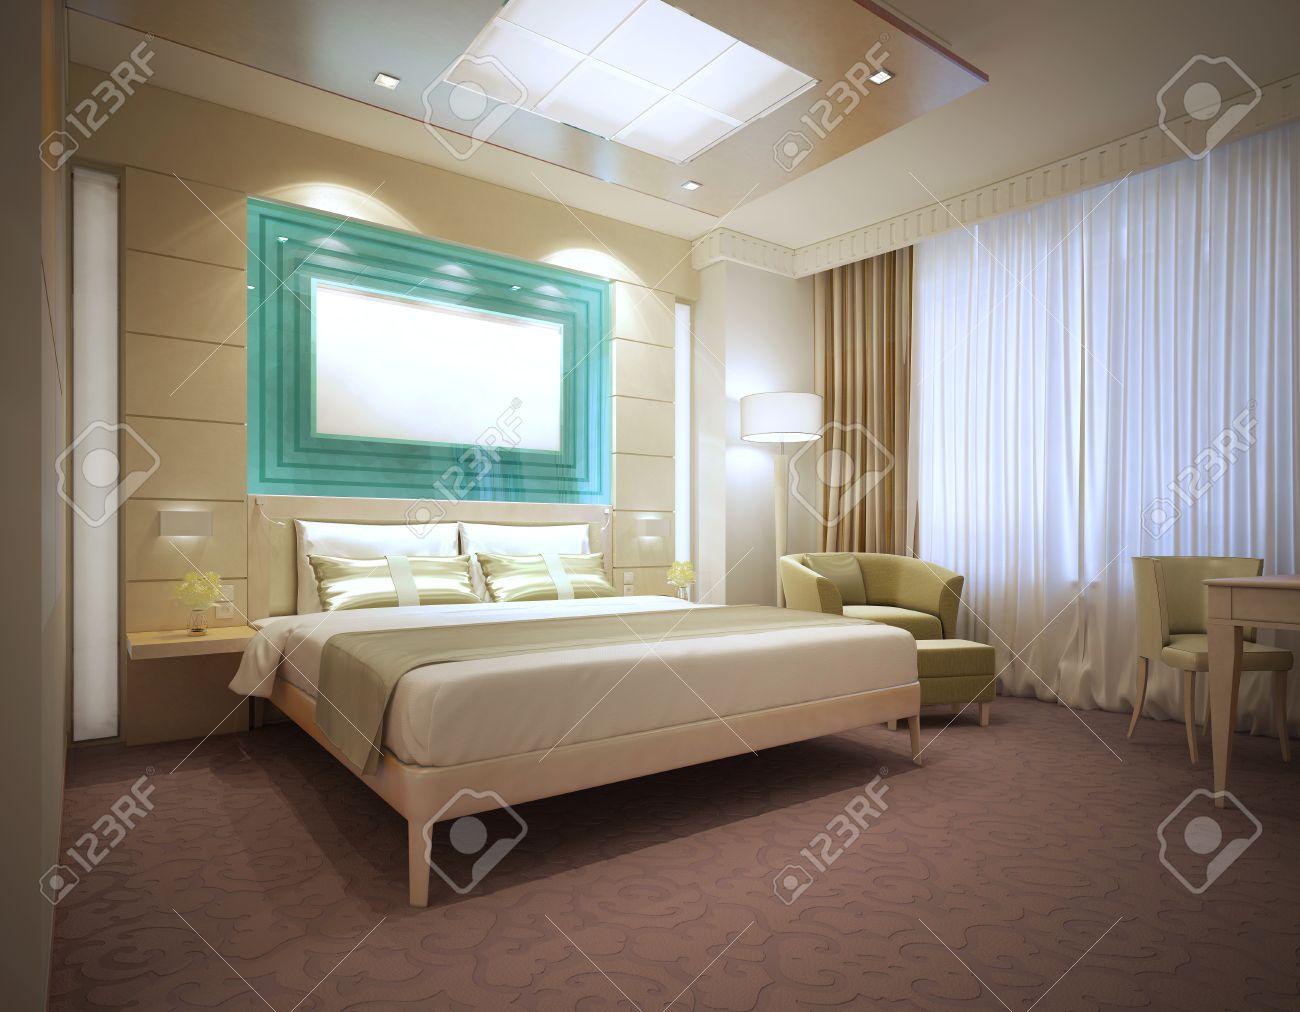 Di Lusso Camera D'albergo Moderno Con Colori Chiari. Grande ...